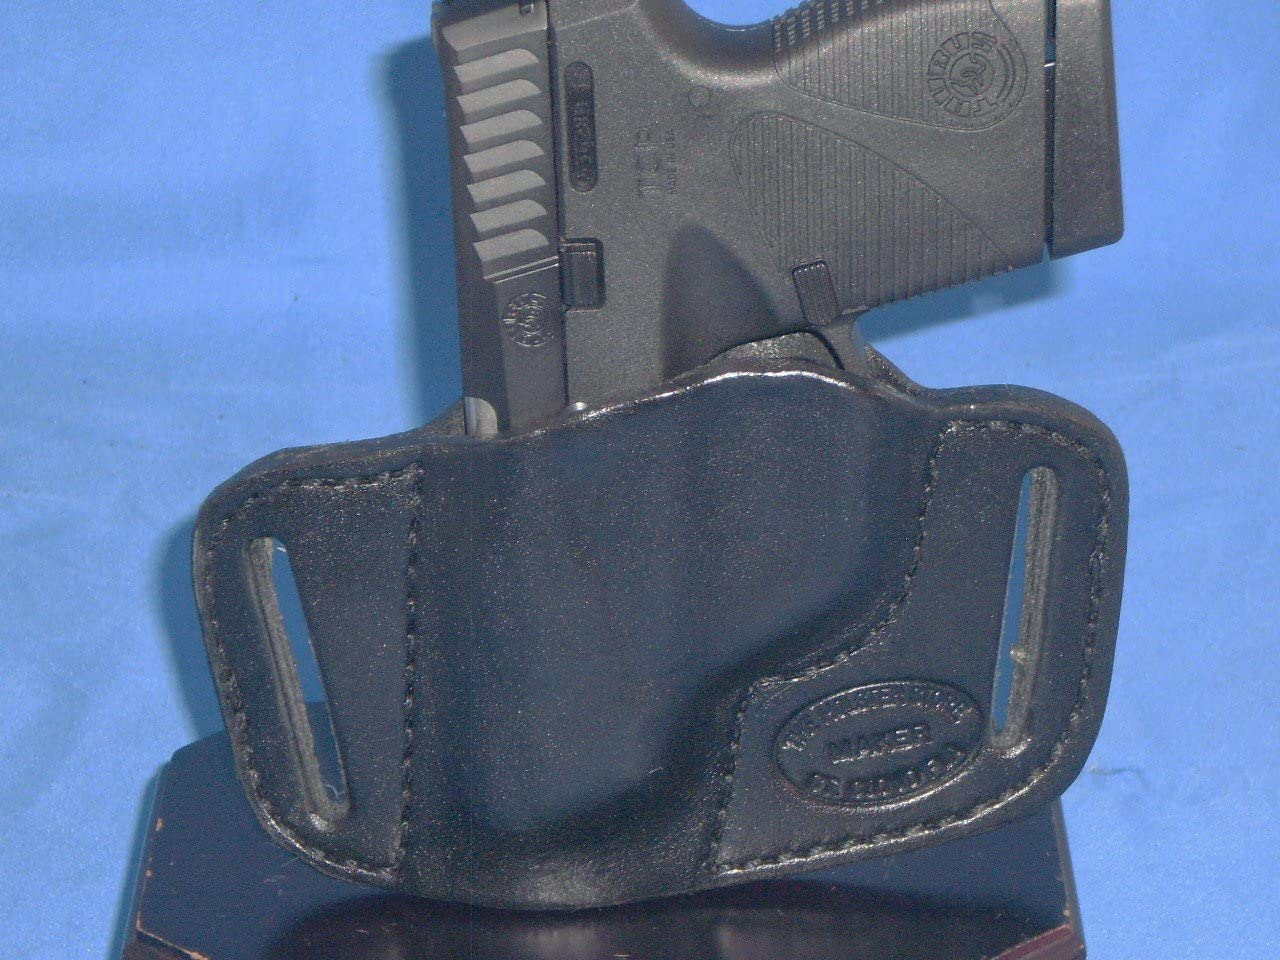 9MM Gun Holster For Taurus PT709 Slim